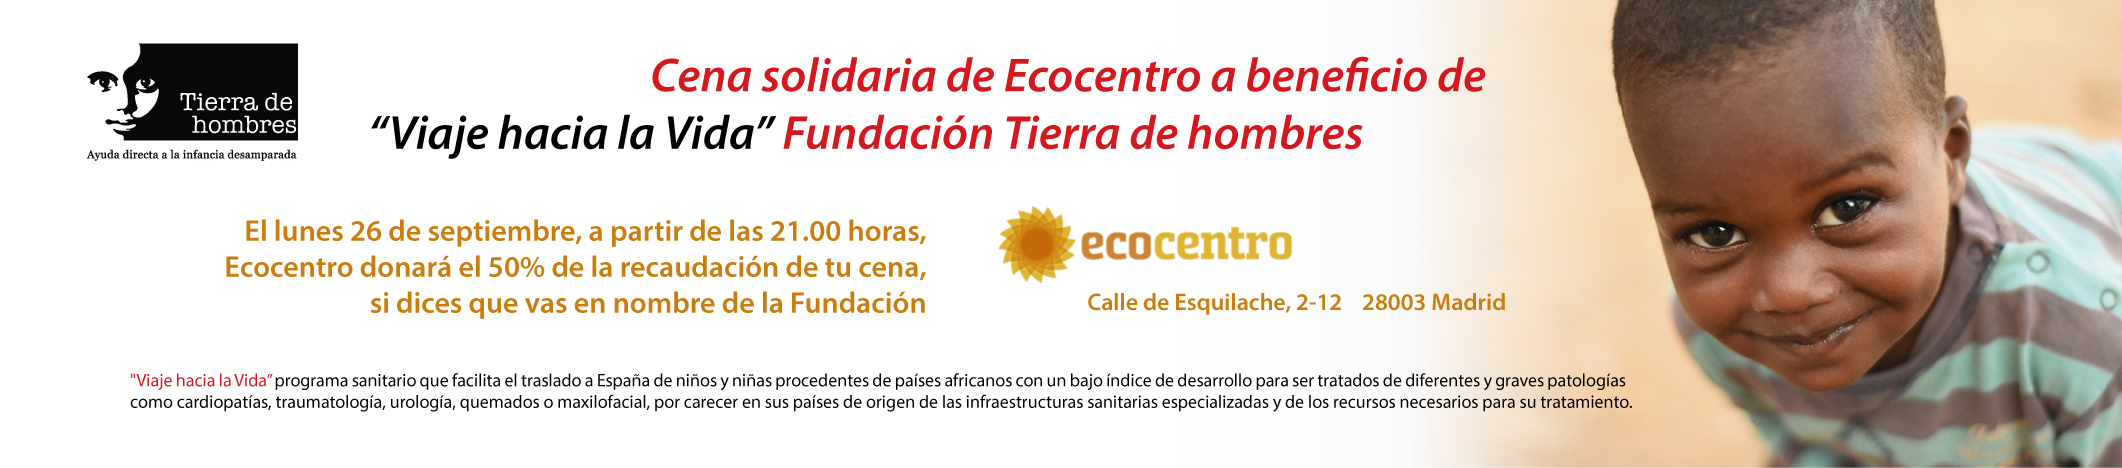 WebCenaEcocentro